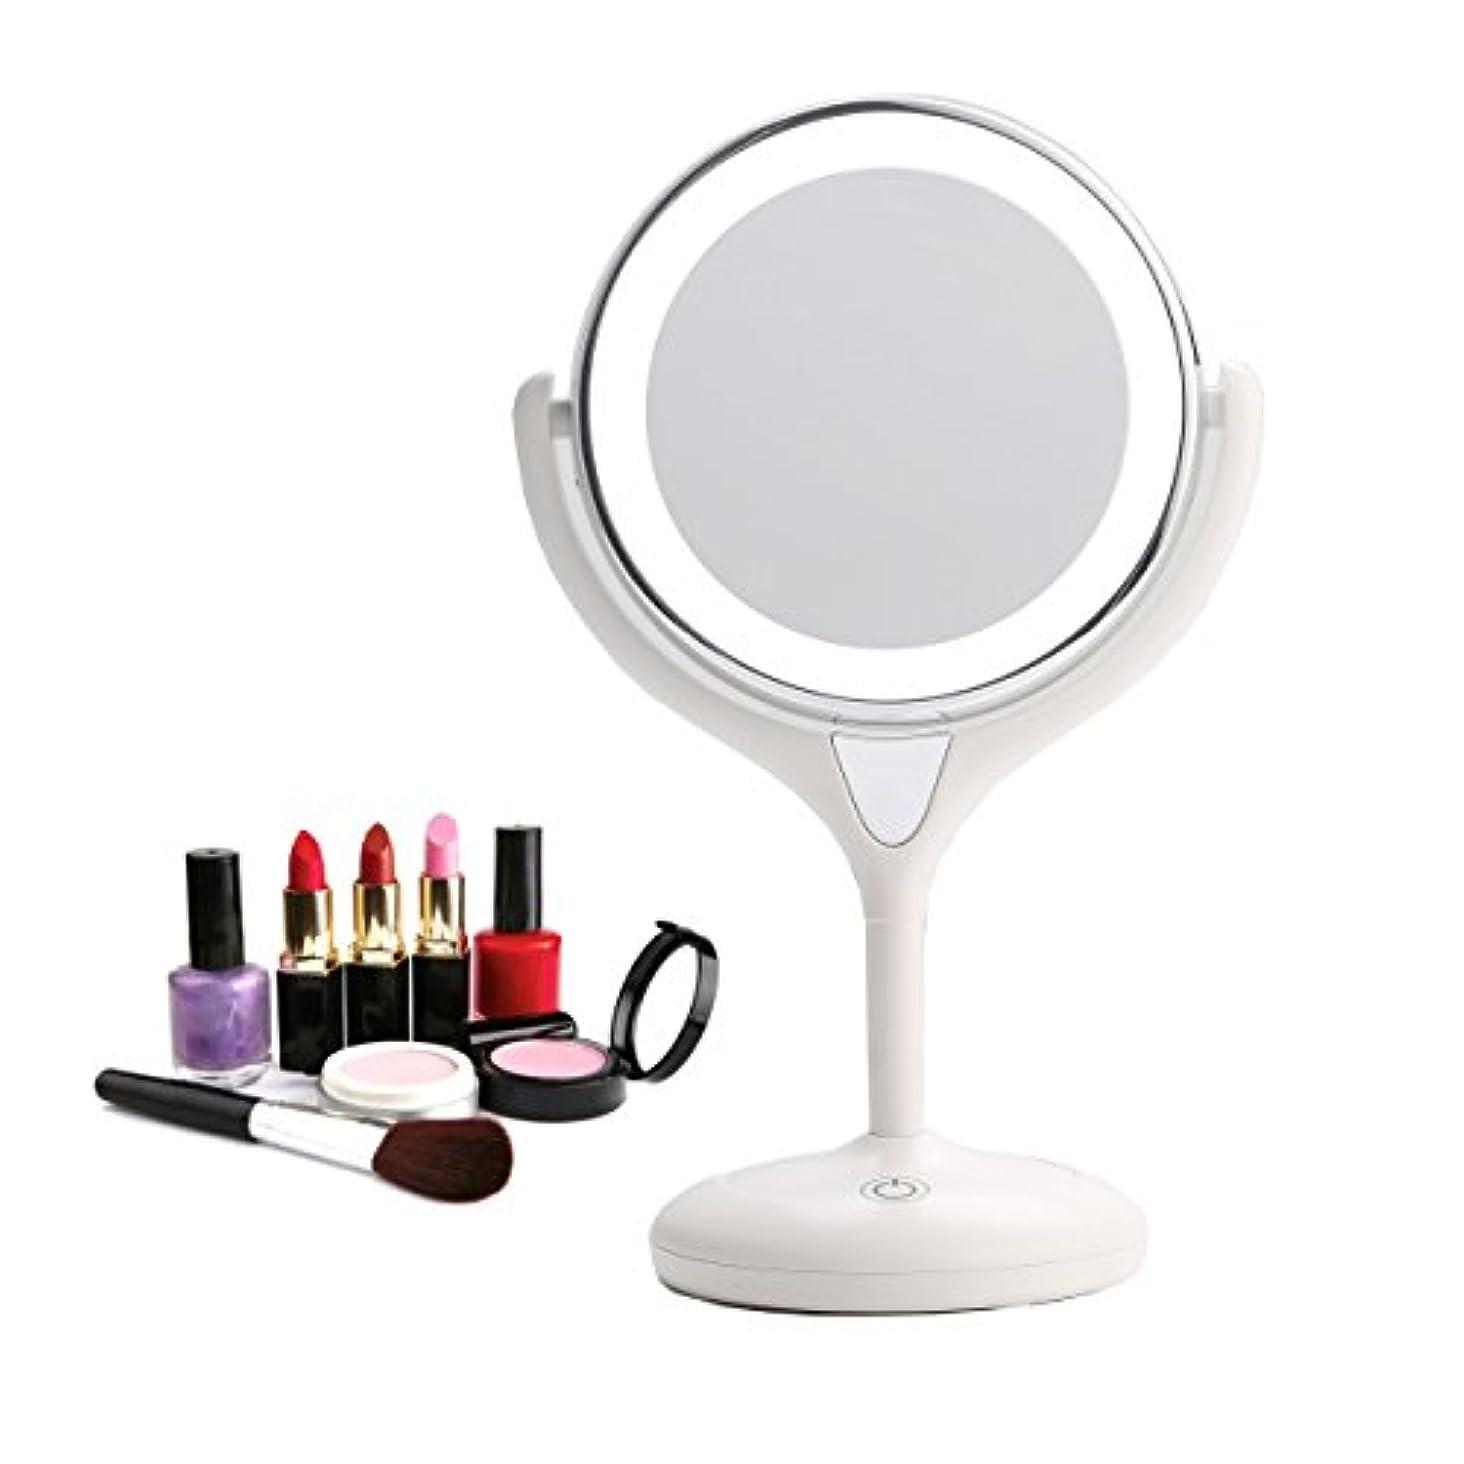 適用済み後悔賛辞Bestaid-スタンドミラー シンプルデザイン 真実の両面鏡DX 10倍拡大鏡 360度回転 卓上鏡 メイク 化粧道具 14 * 11.5 * 28.5cm